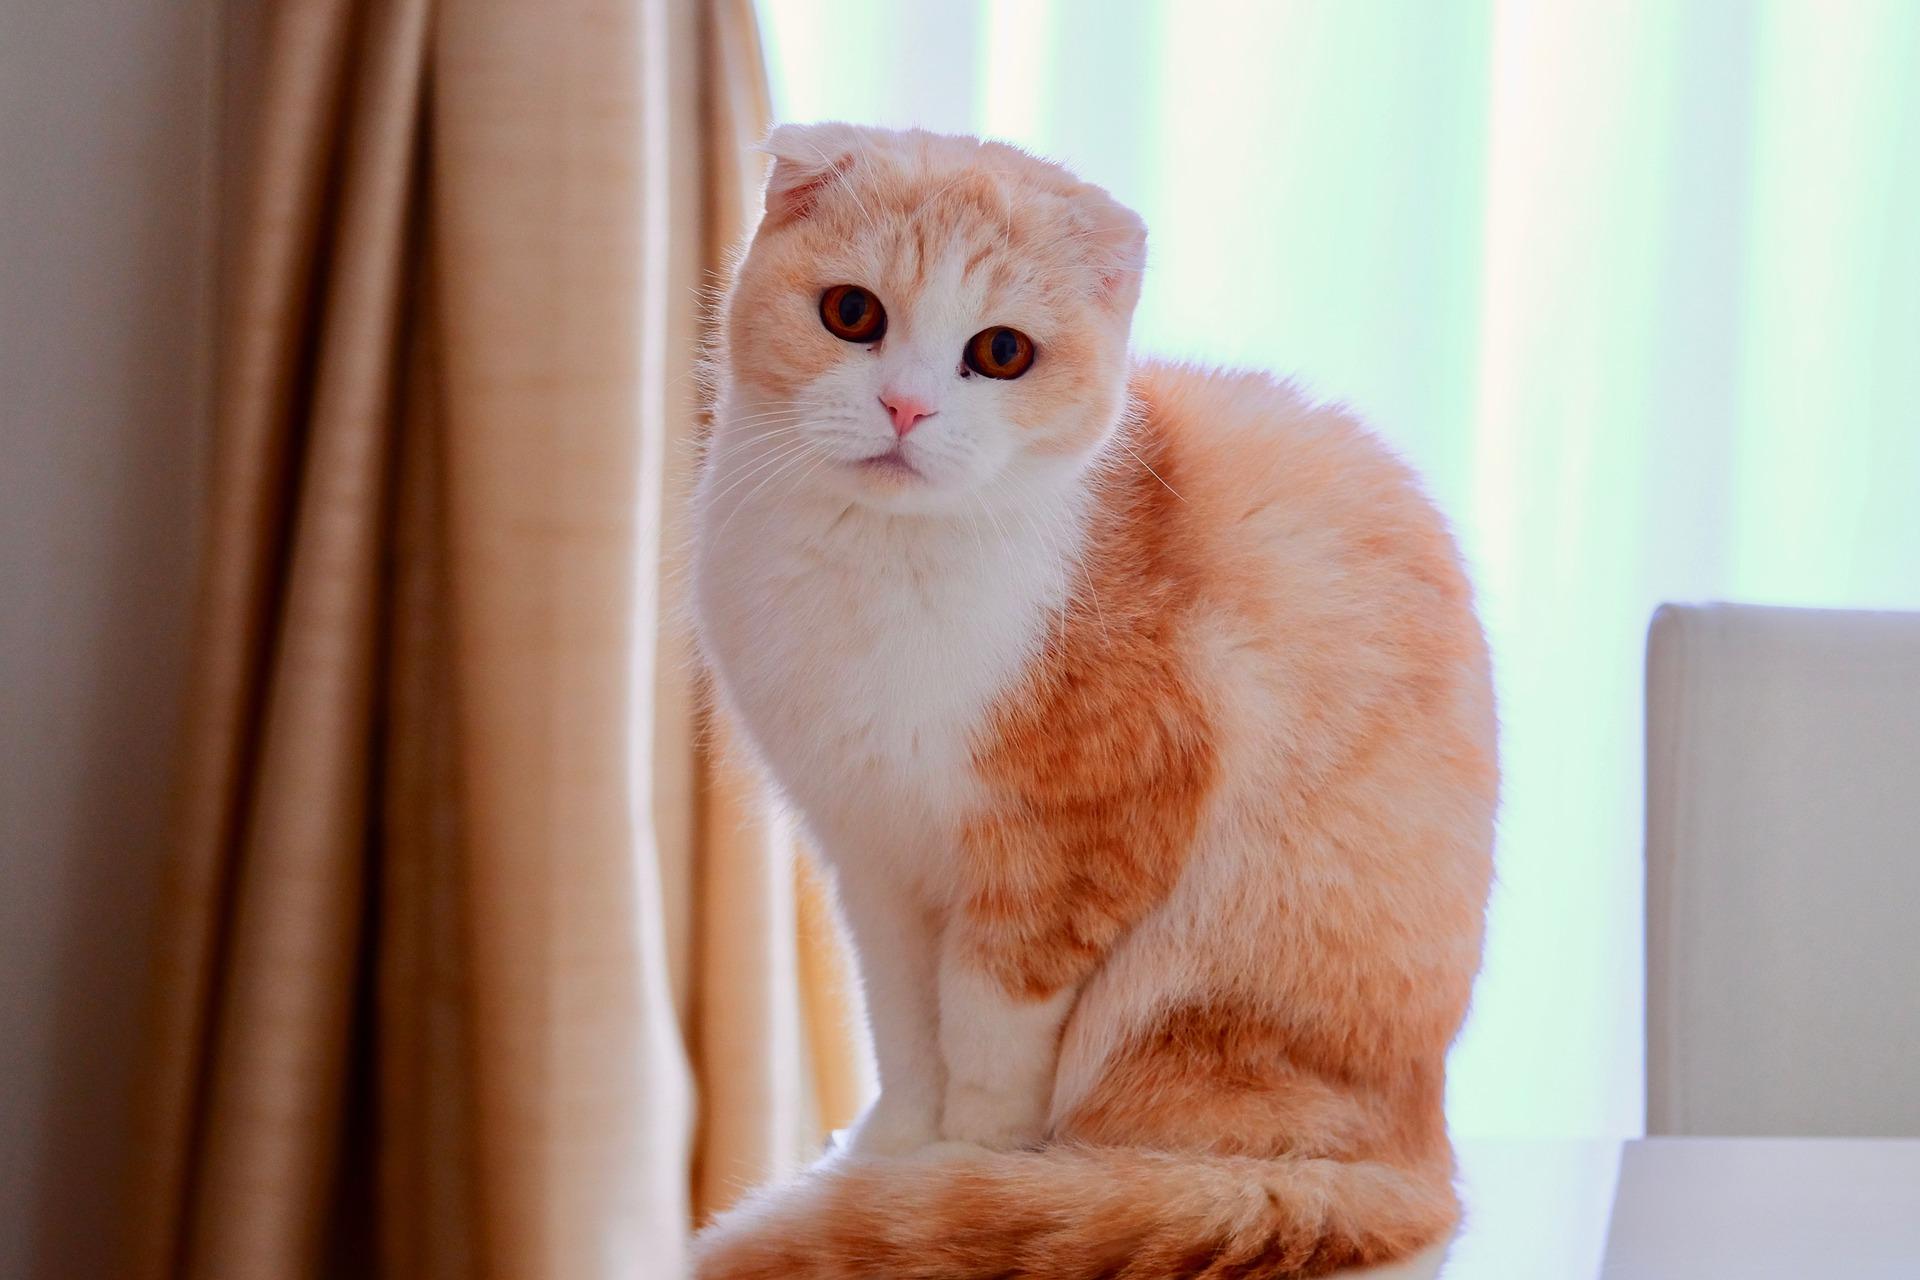 Kot zwisłouchy jest bardzo towarzyski i inteligentny. Lubi pieszczoty, ale i czas spędzony na leniuchowaniu.